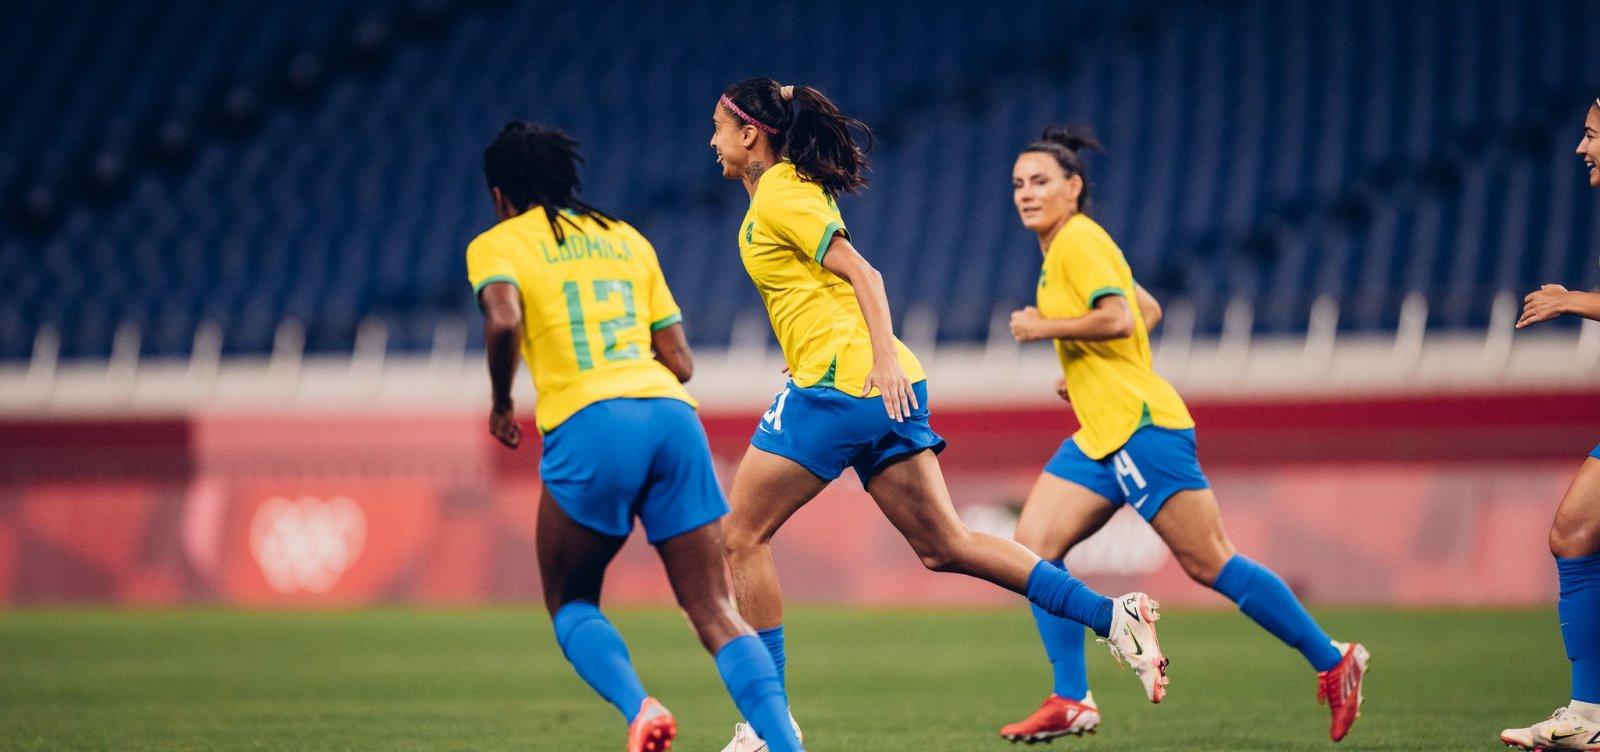 Seleção feminina vence Zâmbia por 1 a 0 e enfrenta Canadá nas quartas-de-final